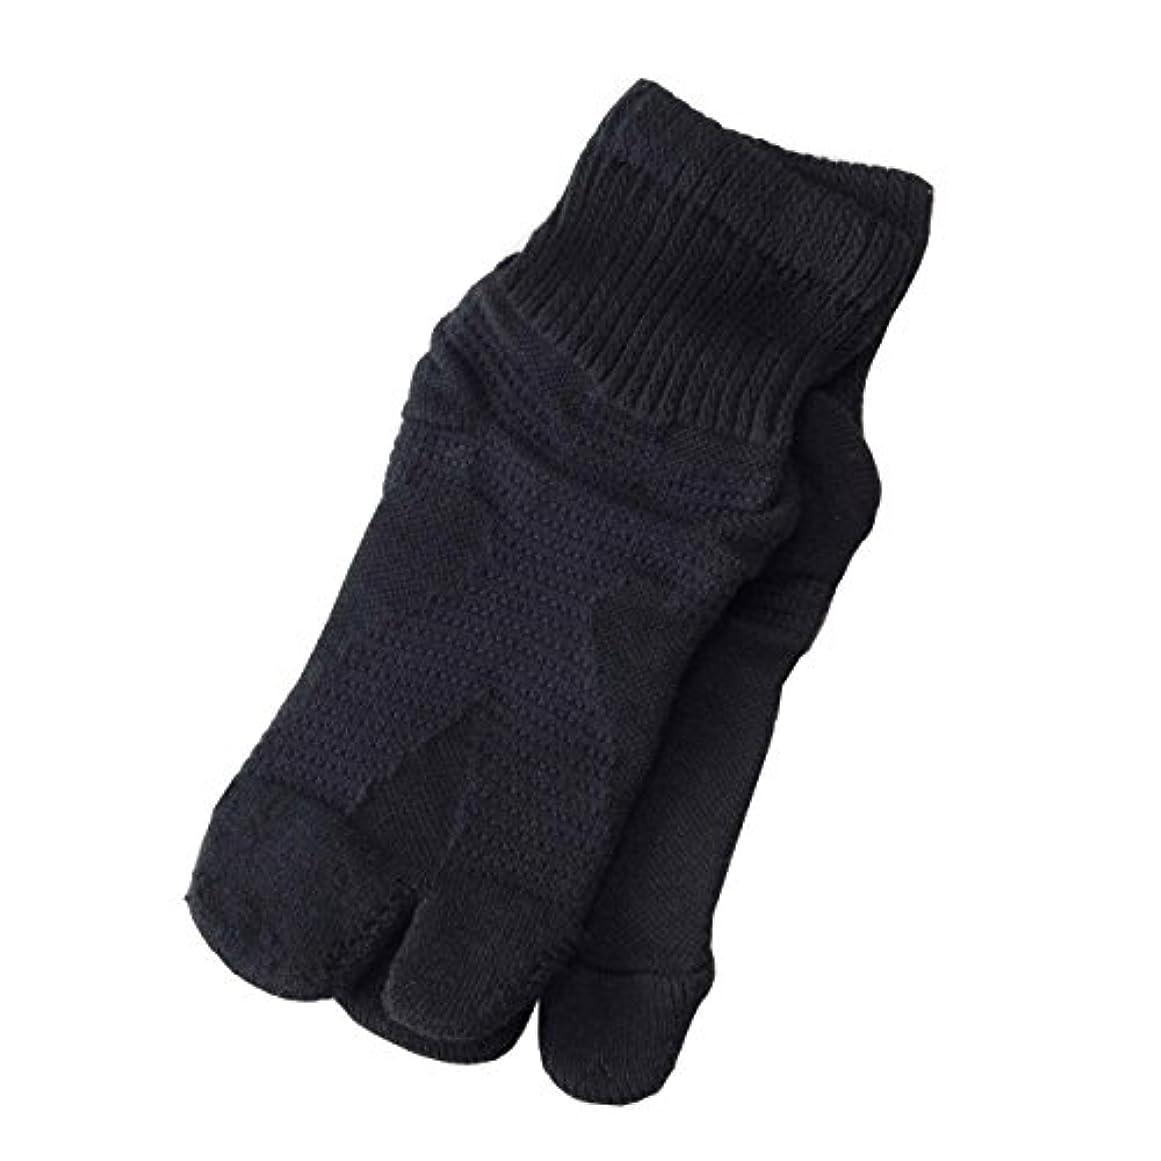 観察する聖歌廃棄する【日本製】歩行サポート足袋ソックス (ブラック, 23~25cm)